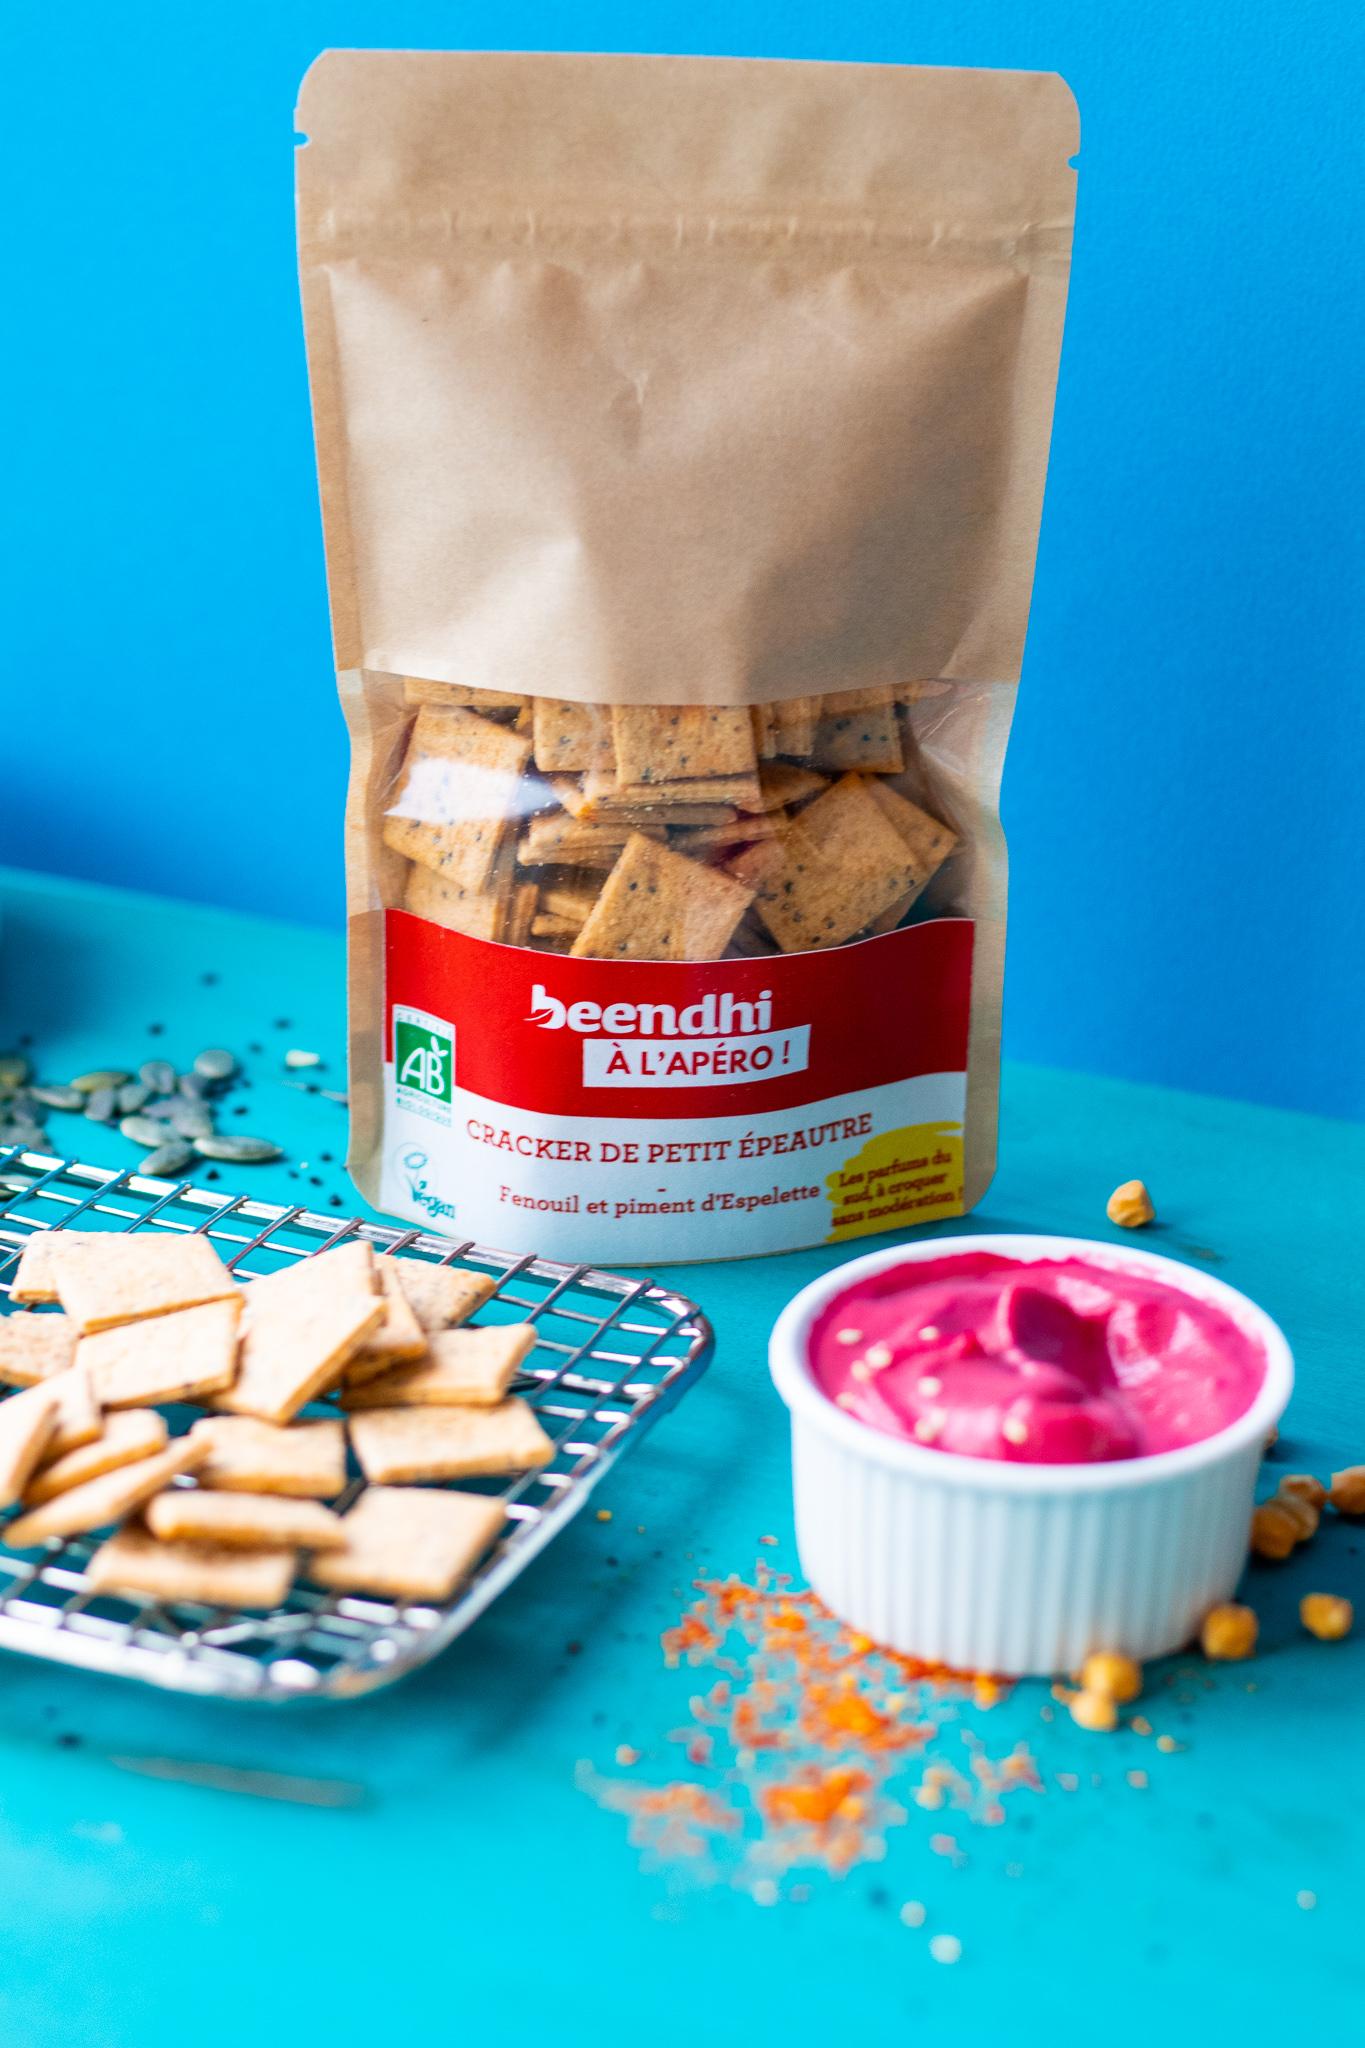 cracker de petit epeautre fenouil et piment d espelette 90g bio - Des biscuits bio gourmands par Beendhi